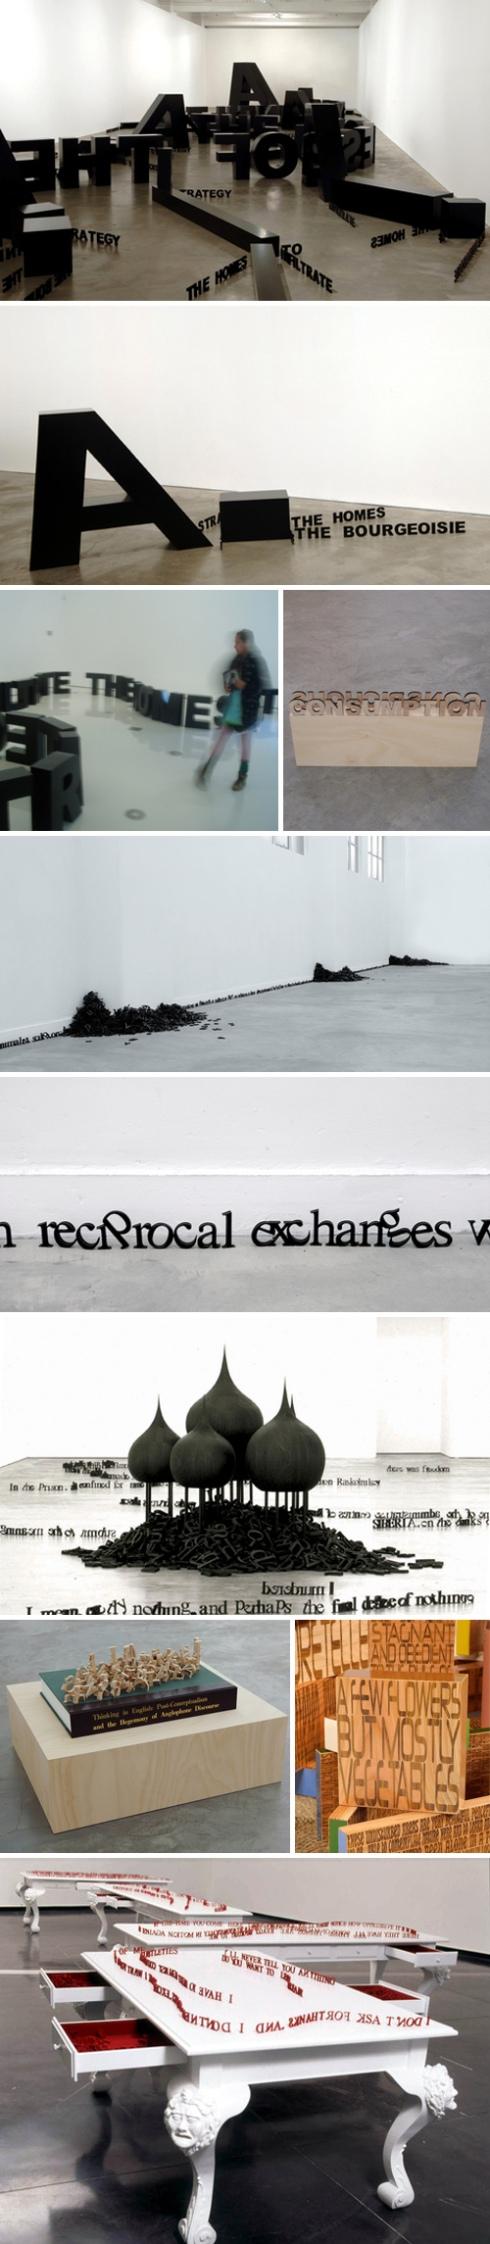 Contemporary Art, Type, Australian, Anna Schwartz Gallery